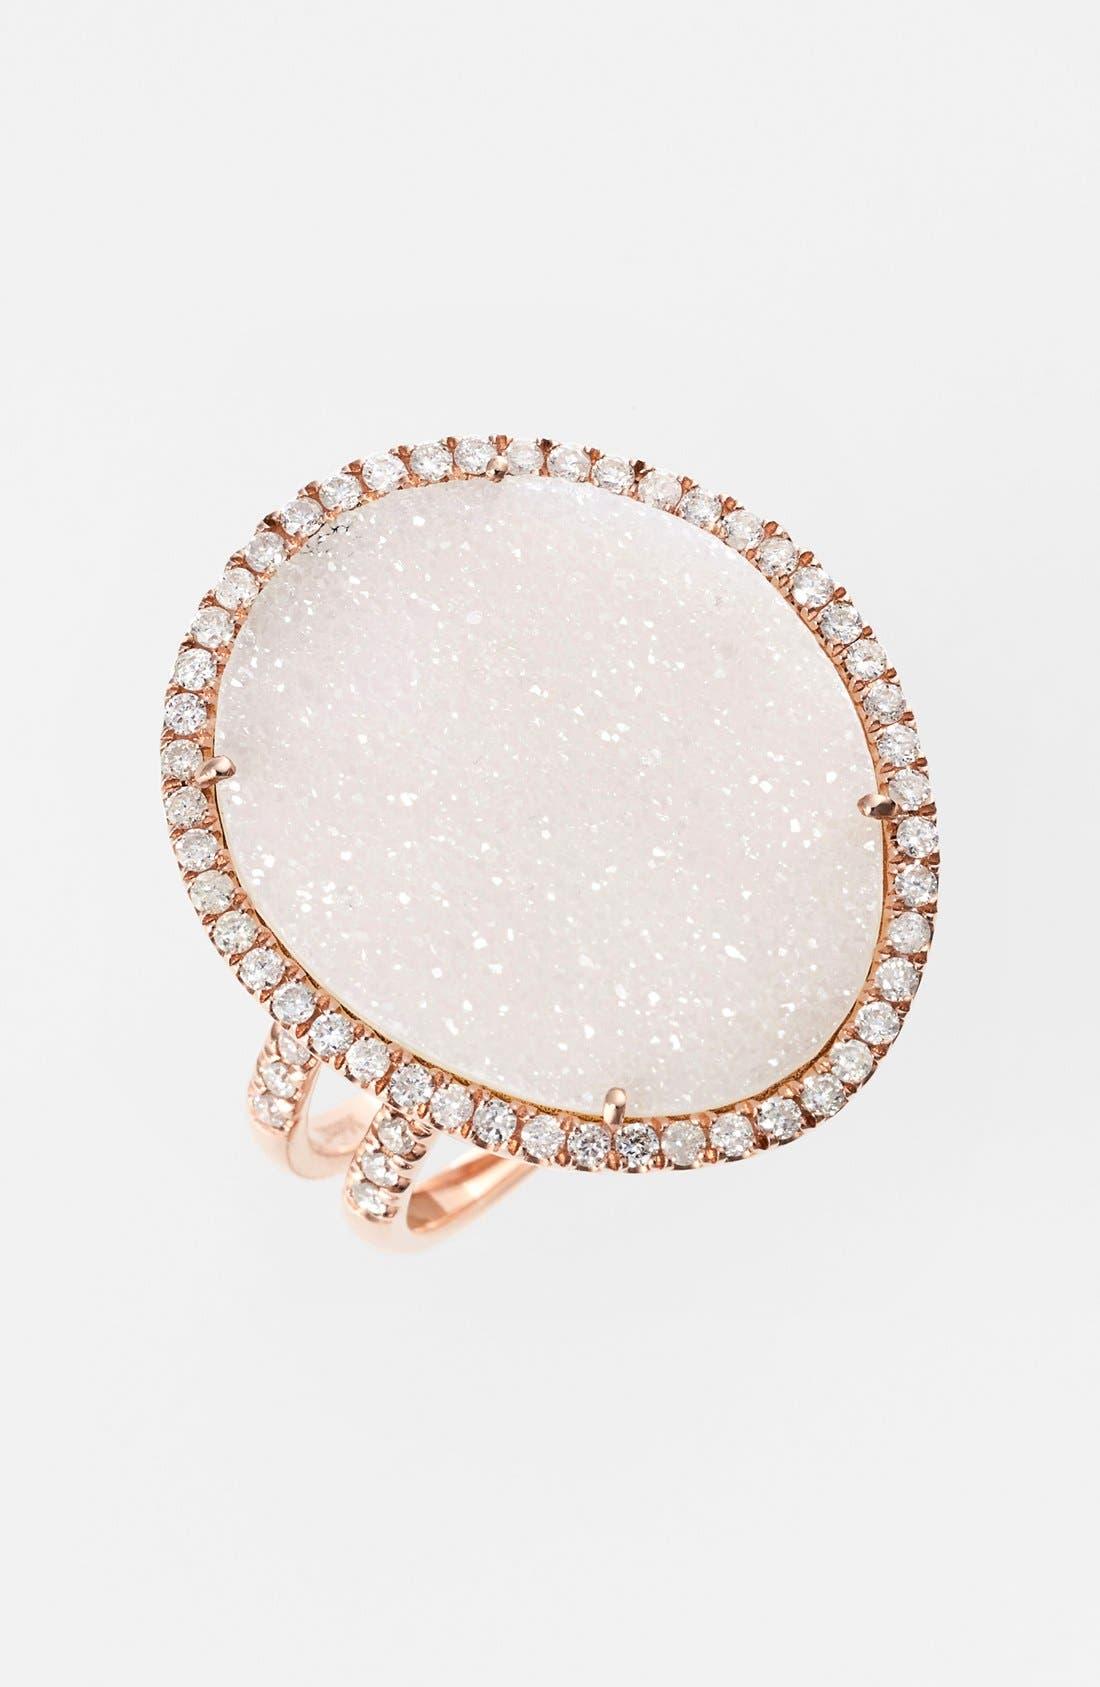 Main Image - MeiraT Drusy & Diamond Ring